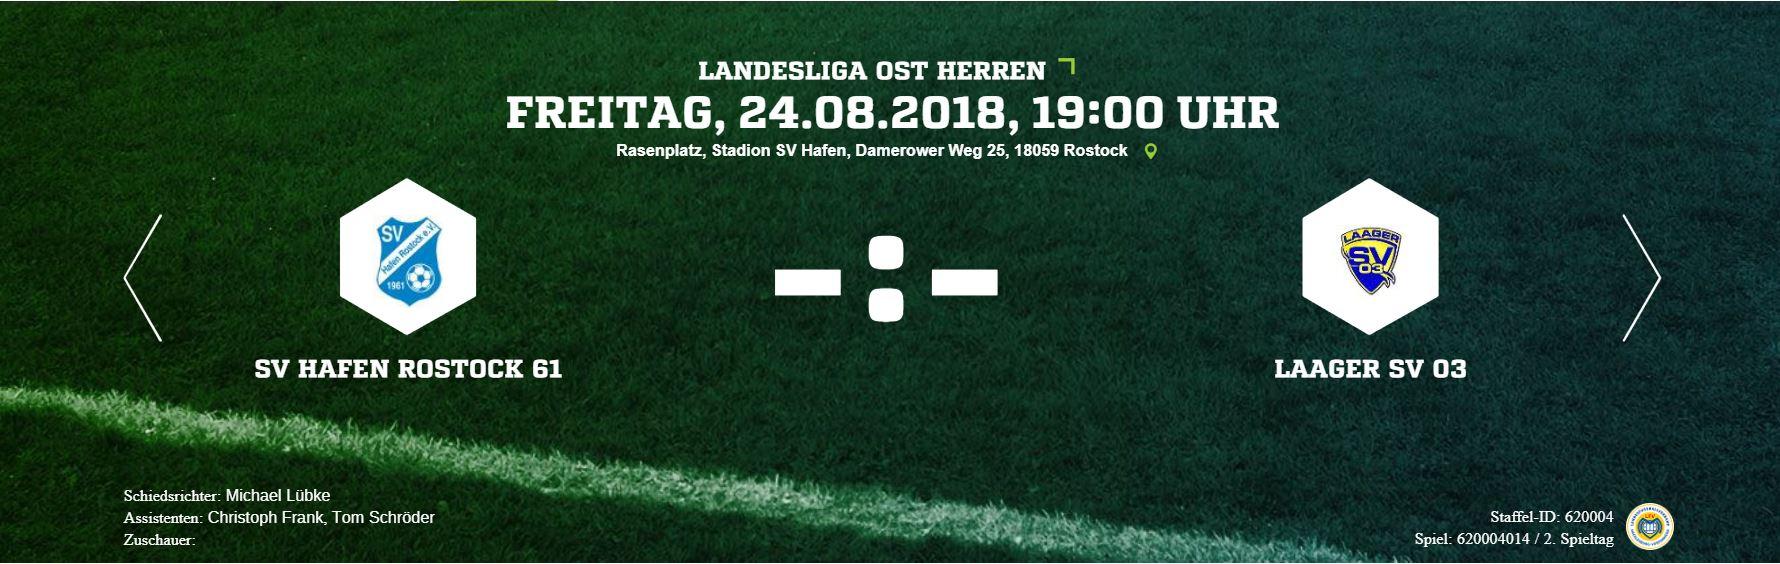 20180824 1900 Fußball I